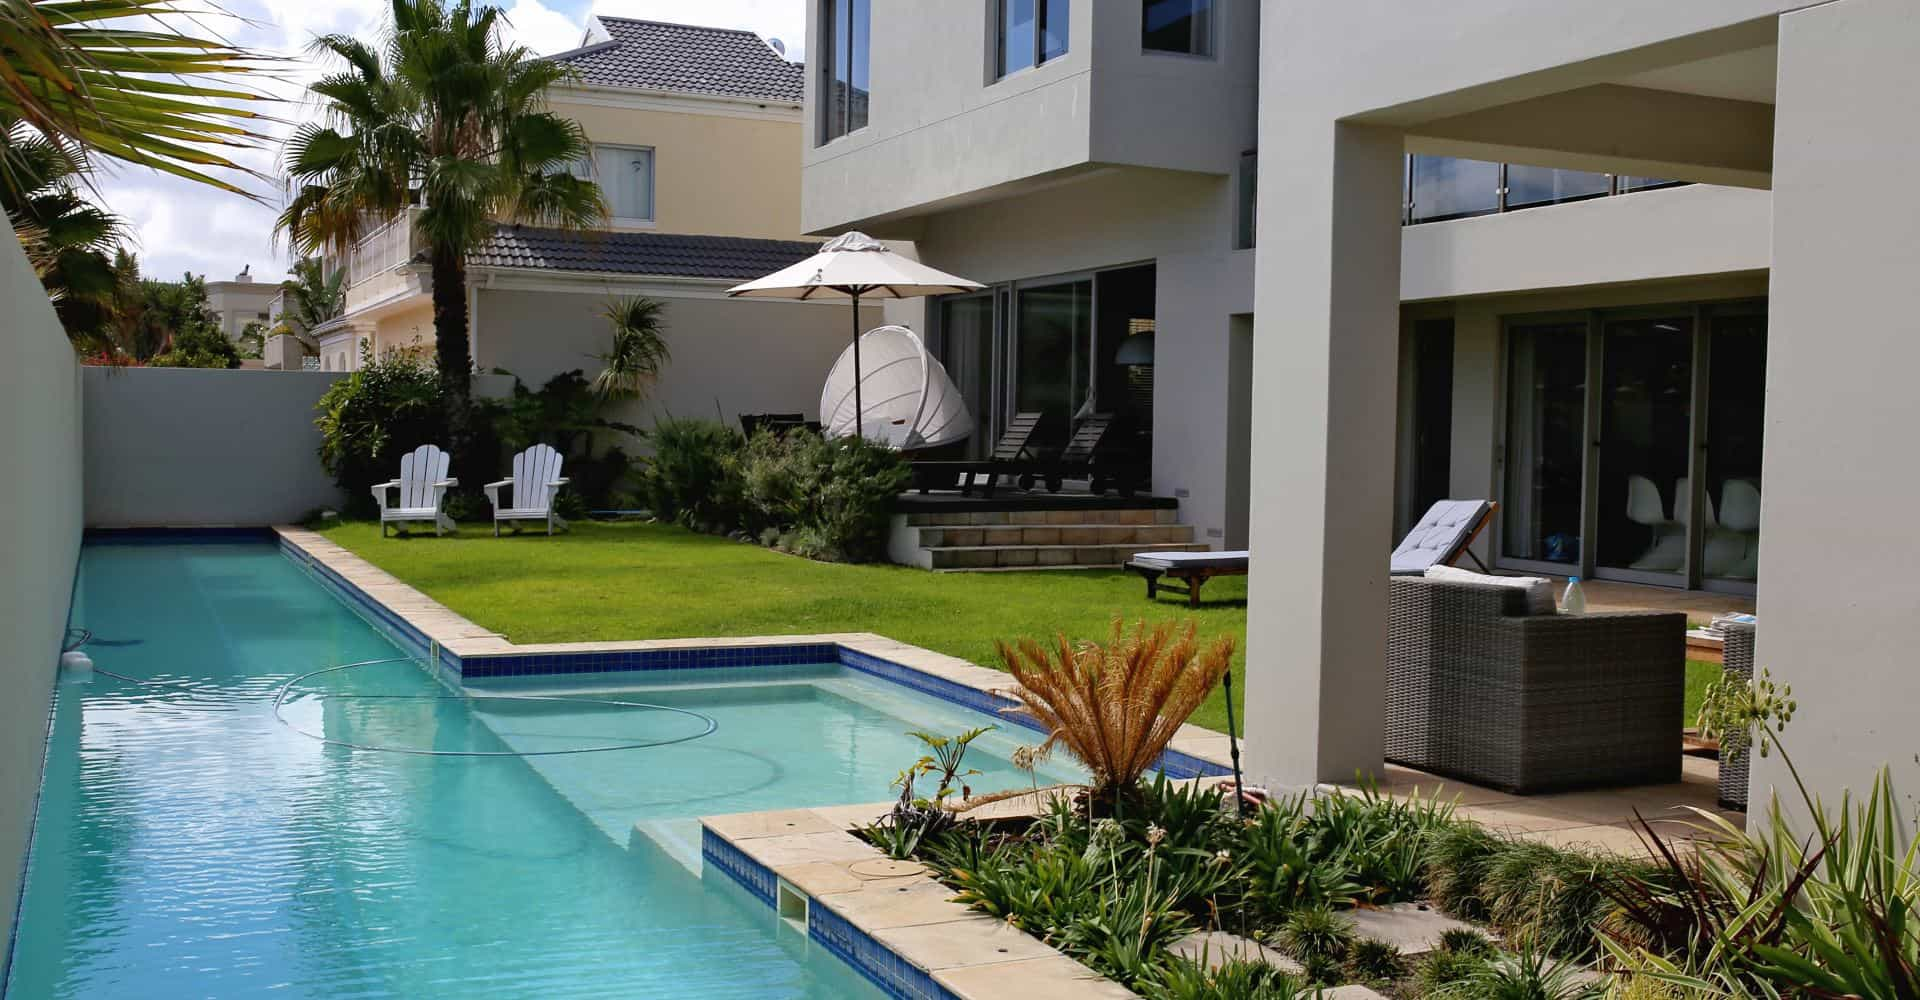 Da Heim Außenbereich mit Pool und Liegen